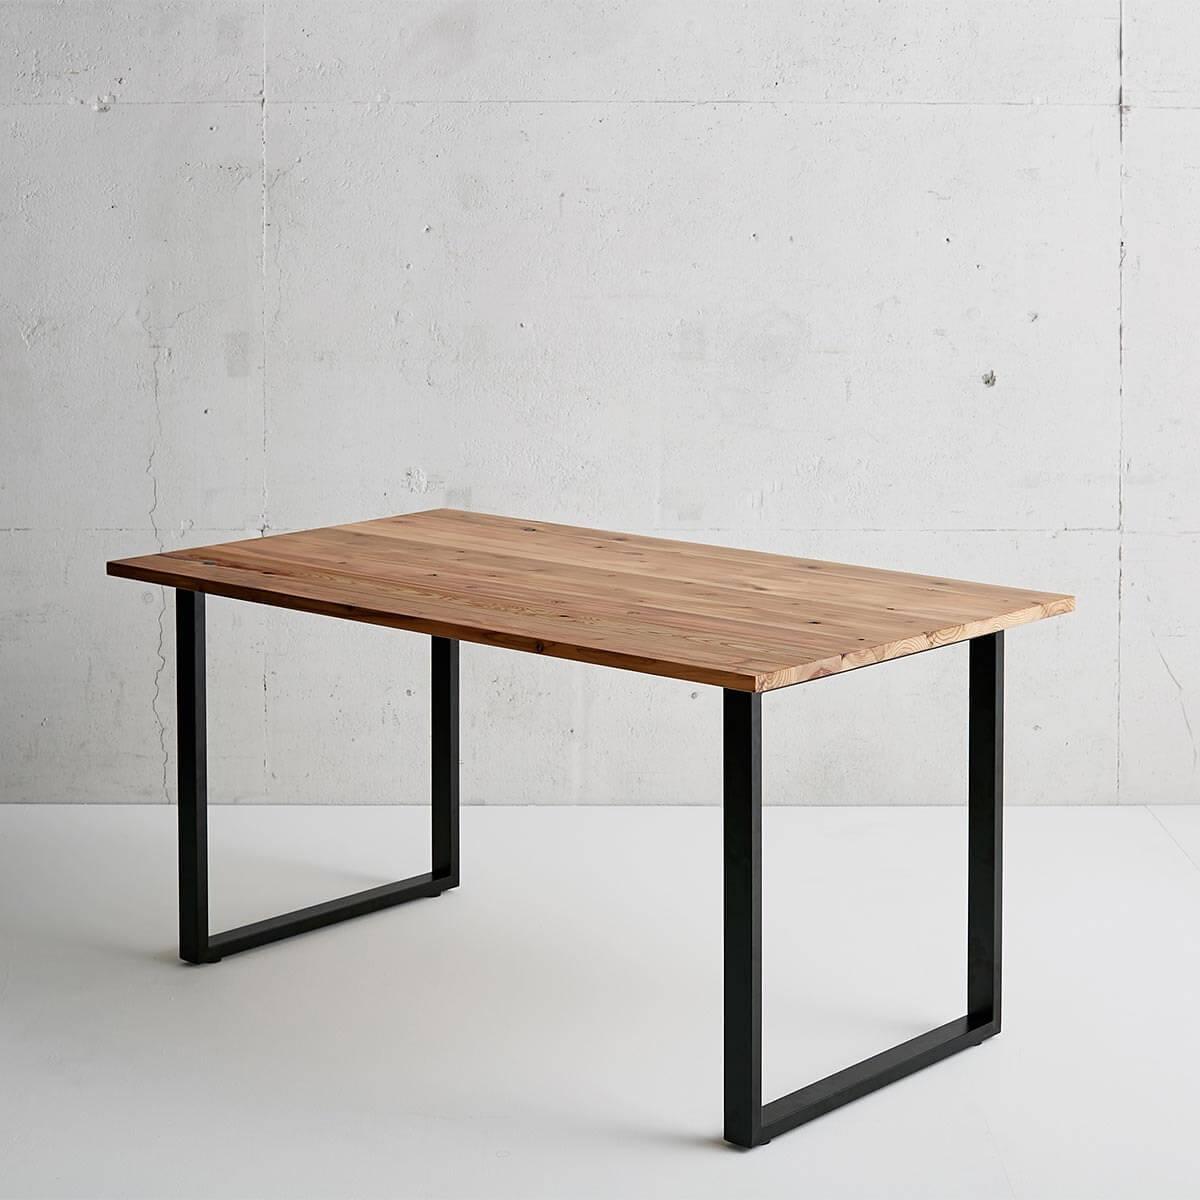 杉無垢材テーブル Square アイアン脚